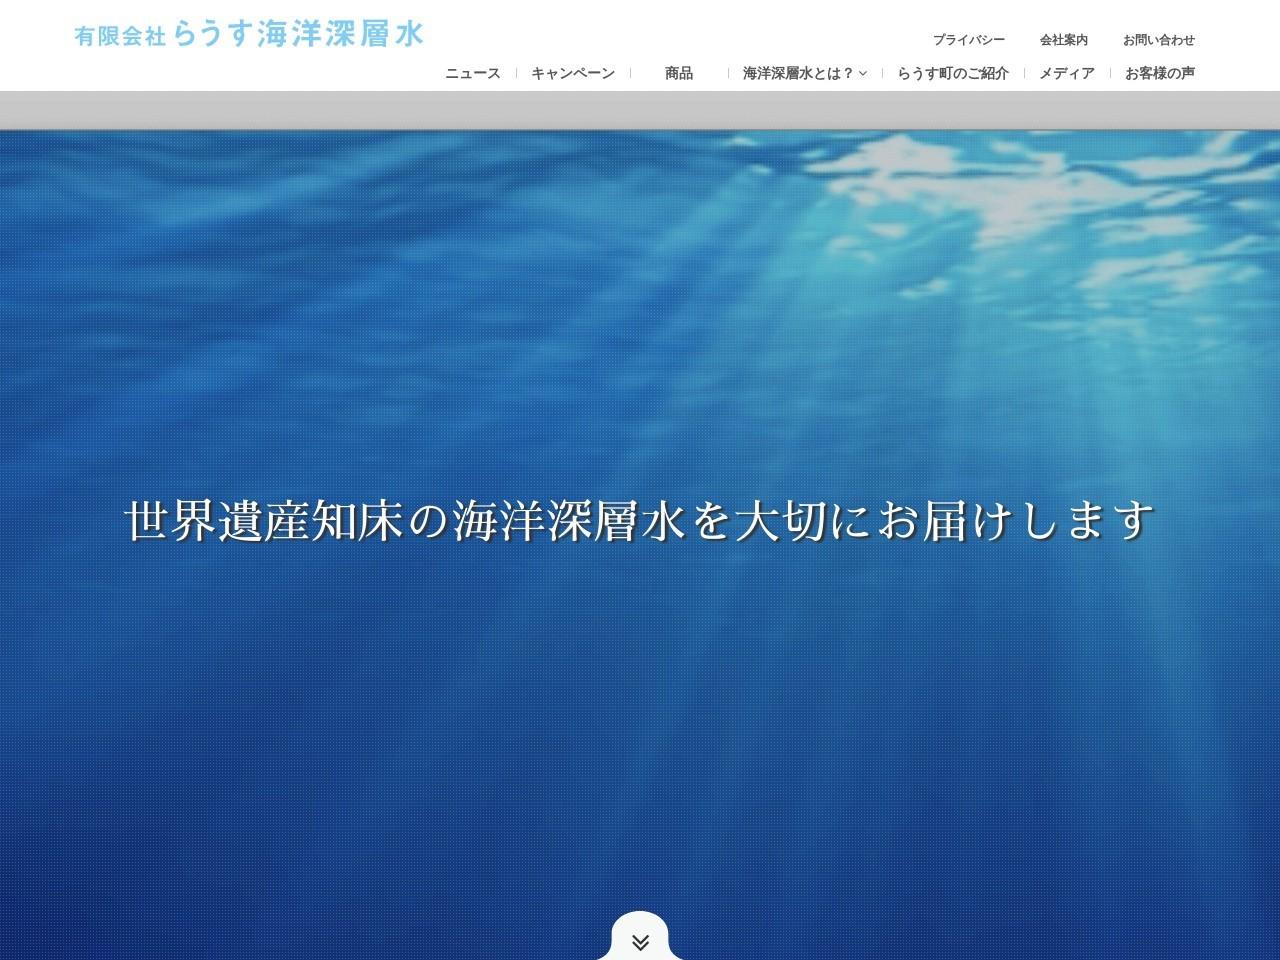 有限会社らうす海洋深層水